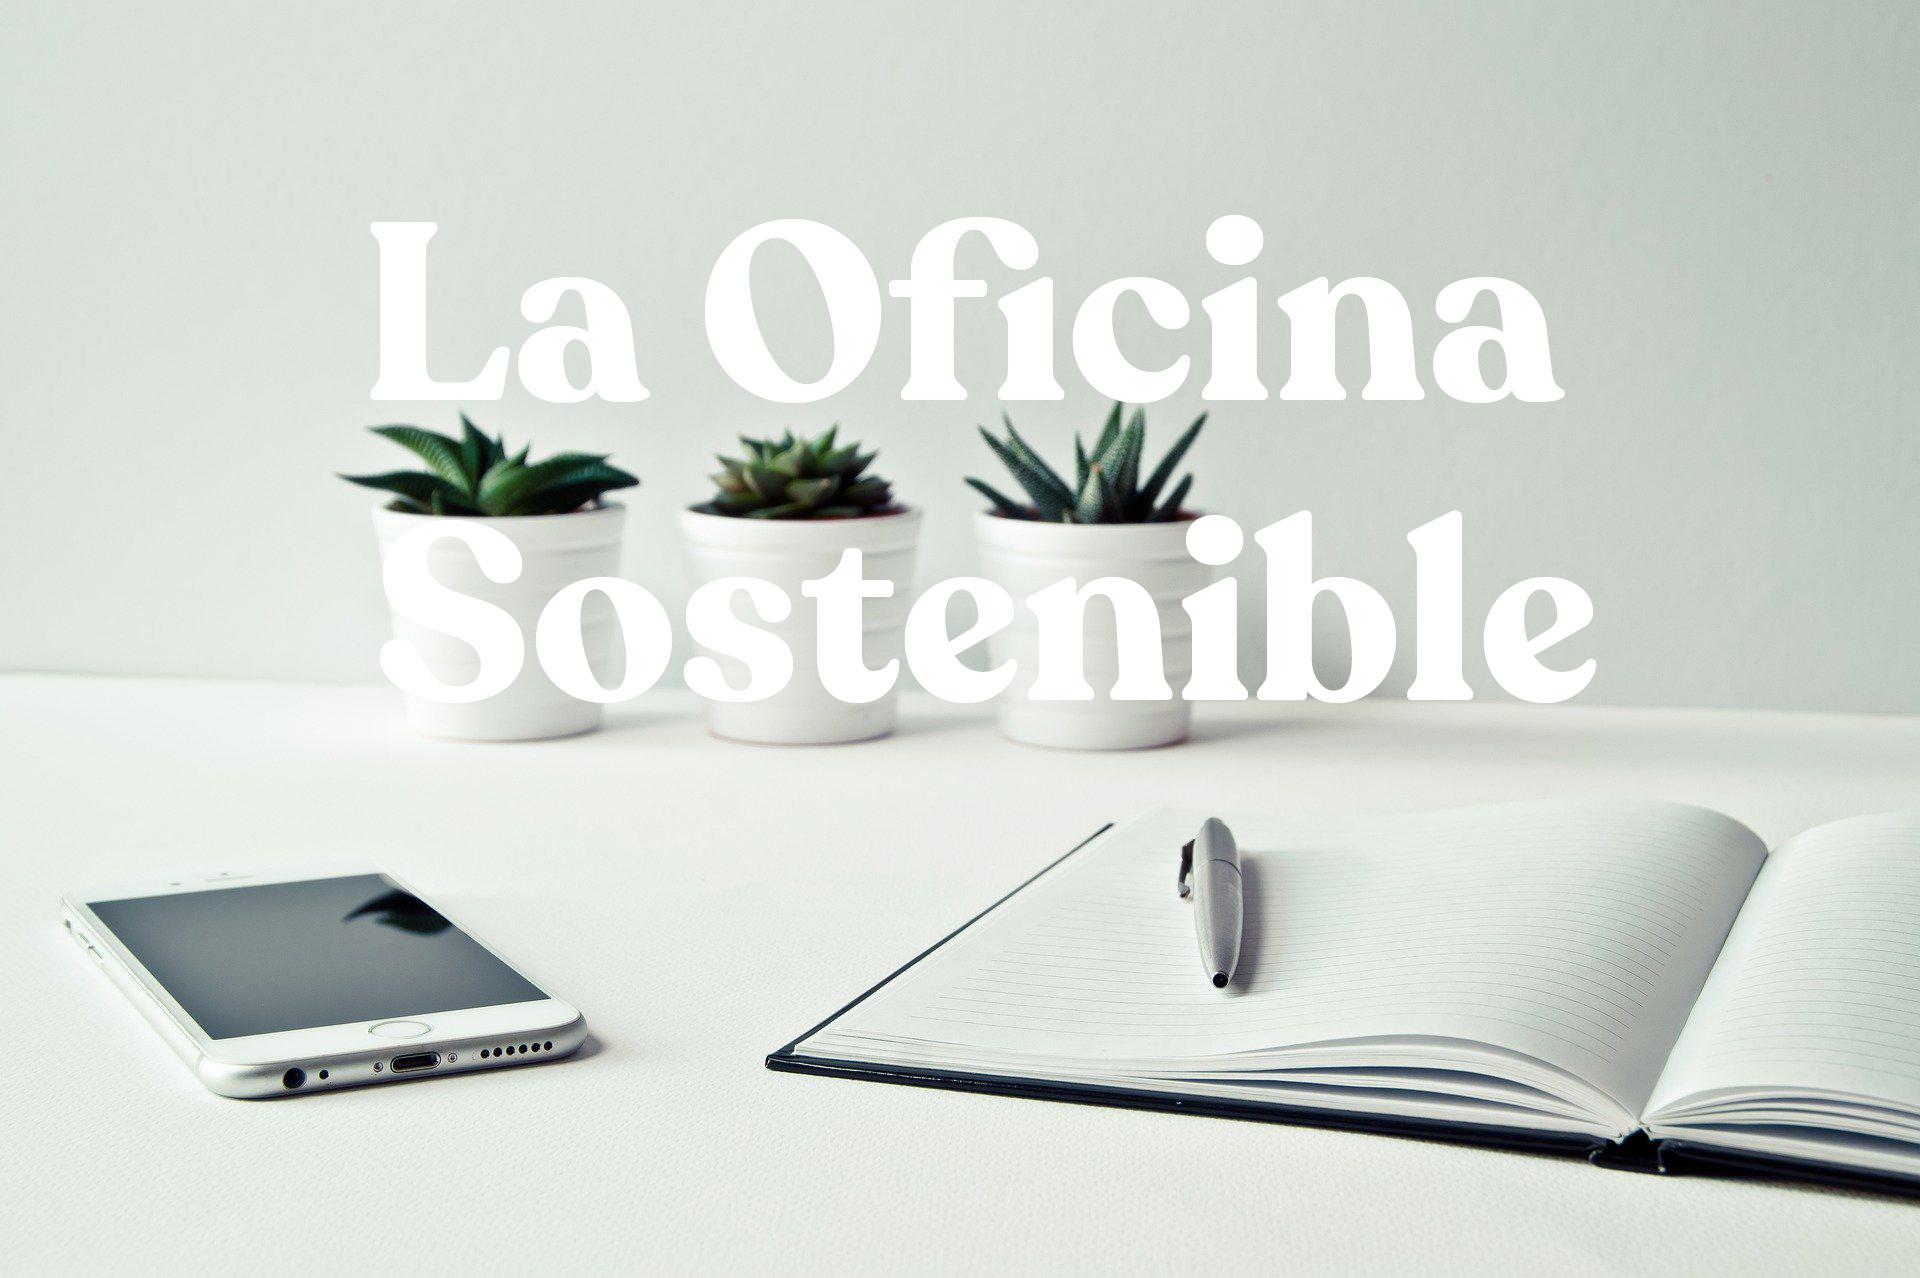 La oficina sostenible: ideas fáciles para mejorar tu espacio de trabajo